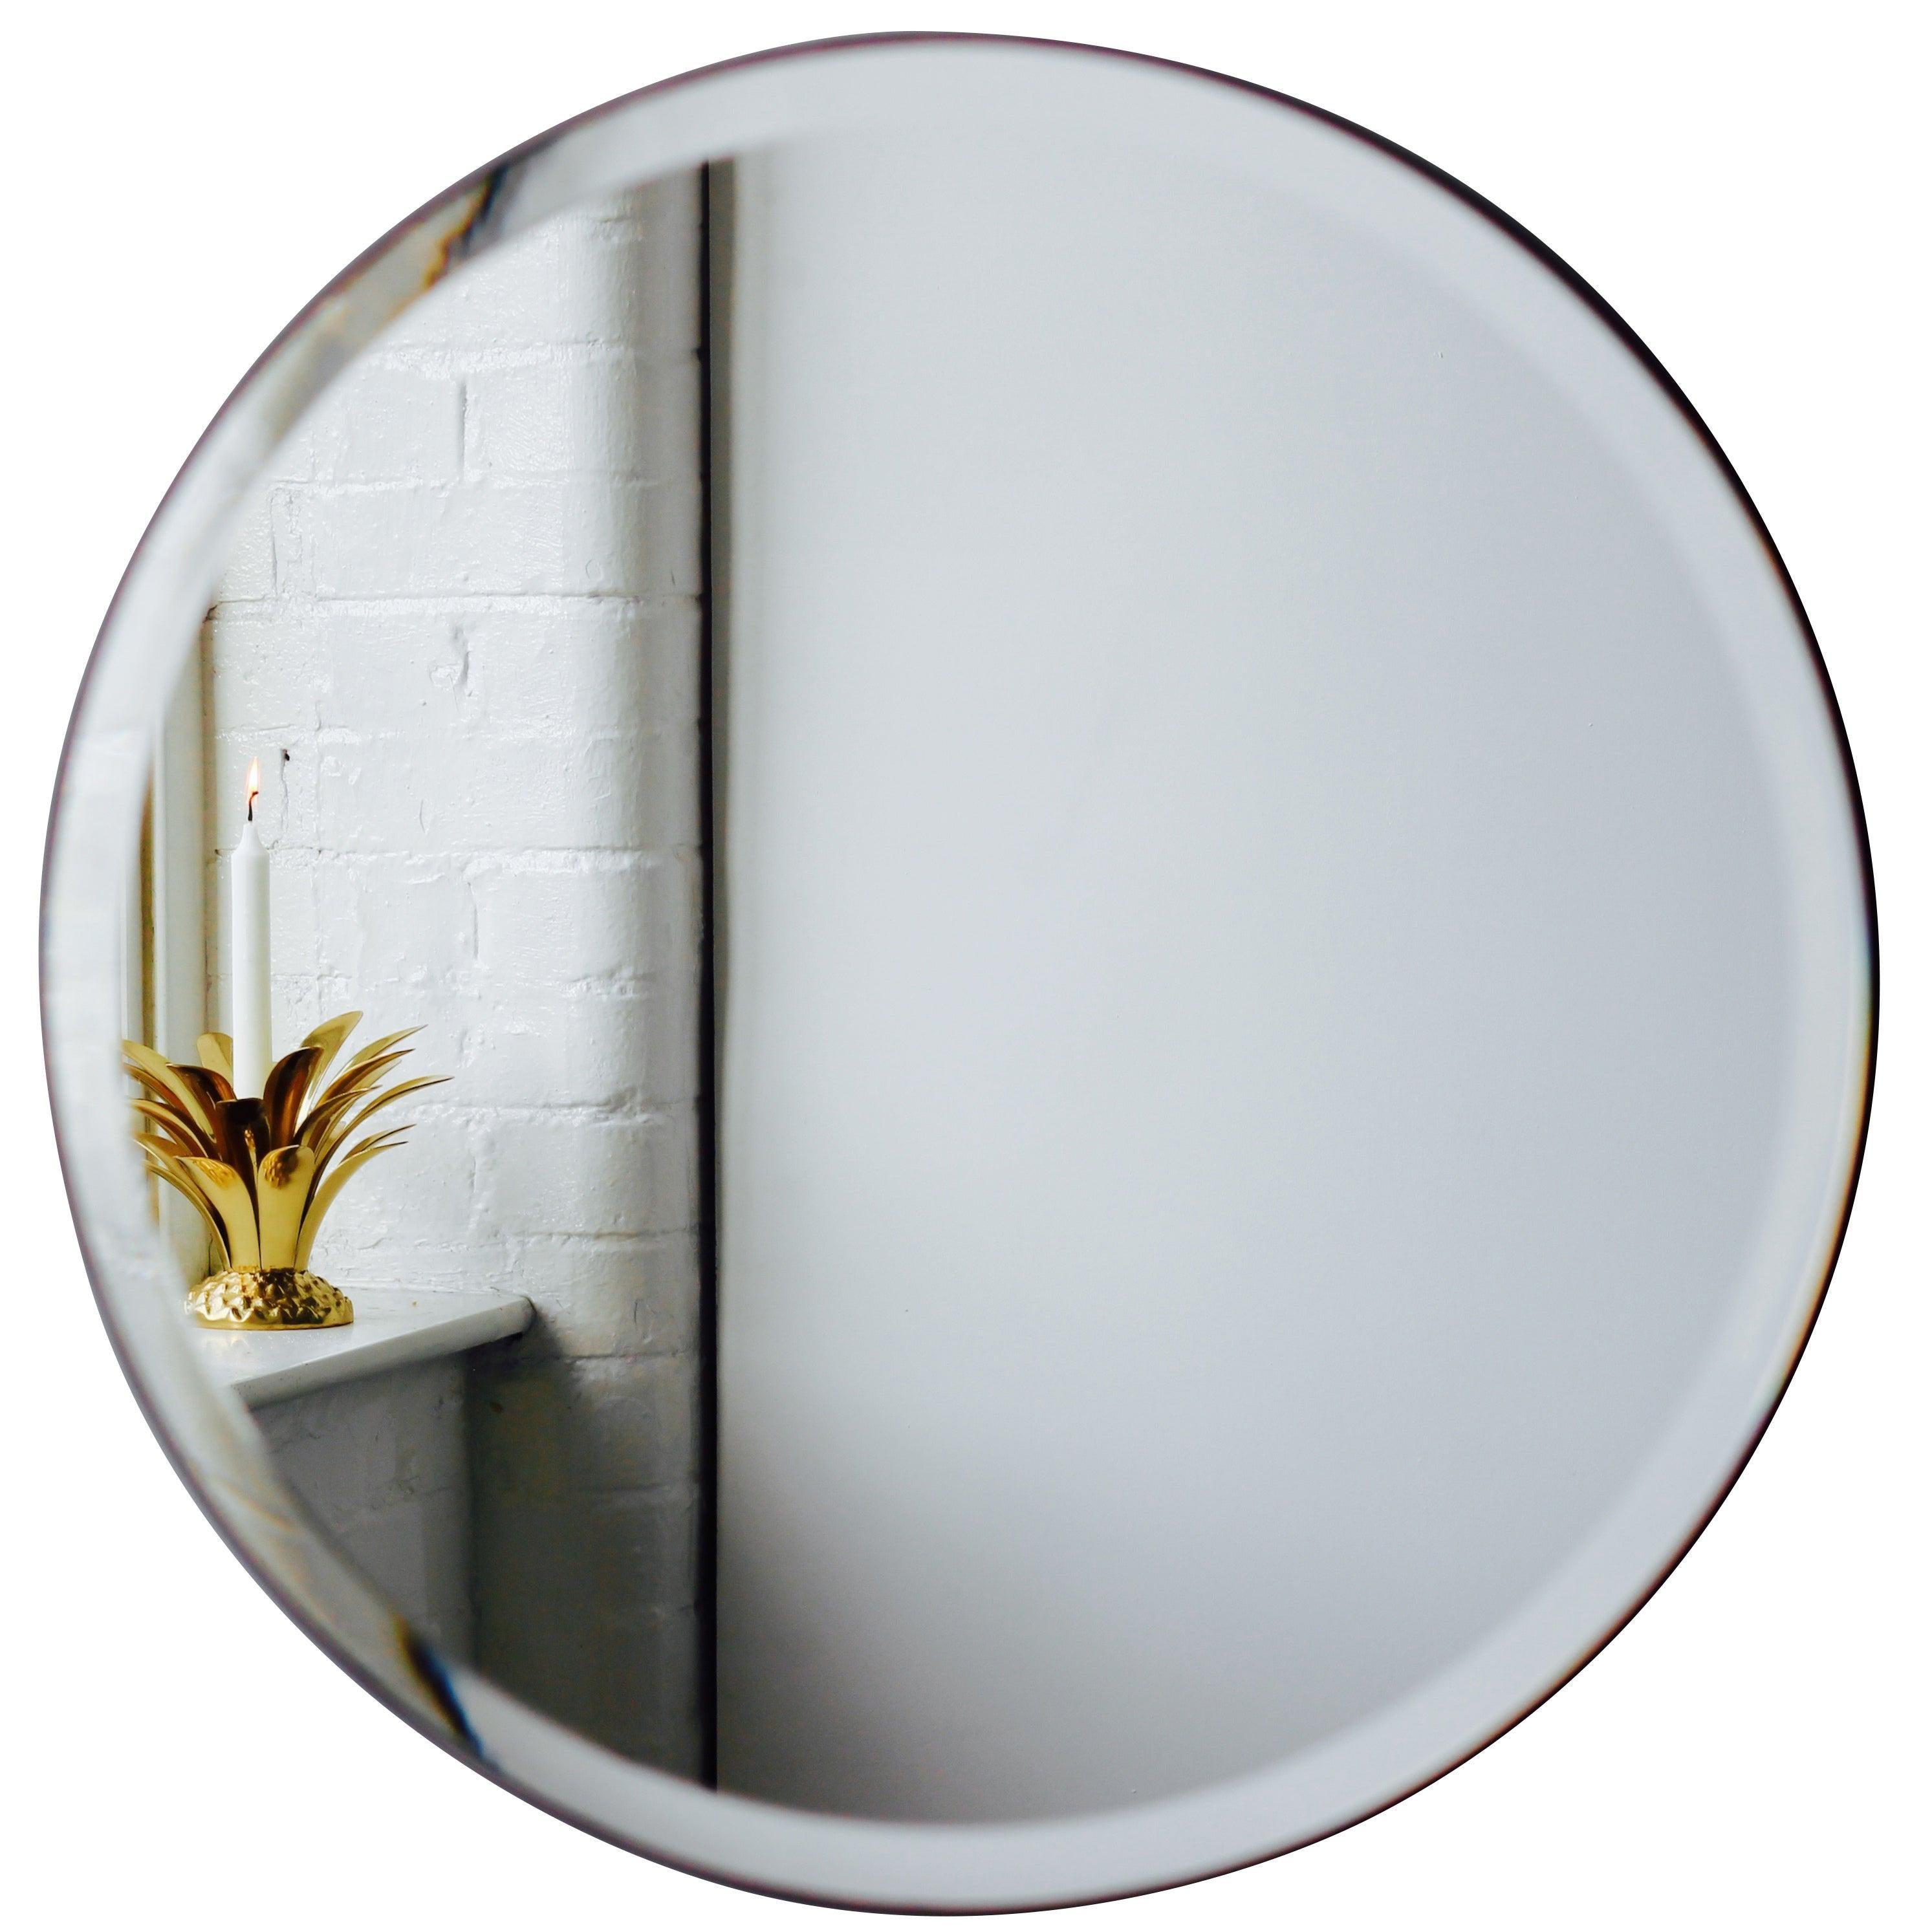 Orbis™ Round Frameless Beveled Mirror with Velvet Backing - Medium